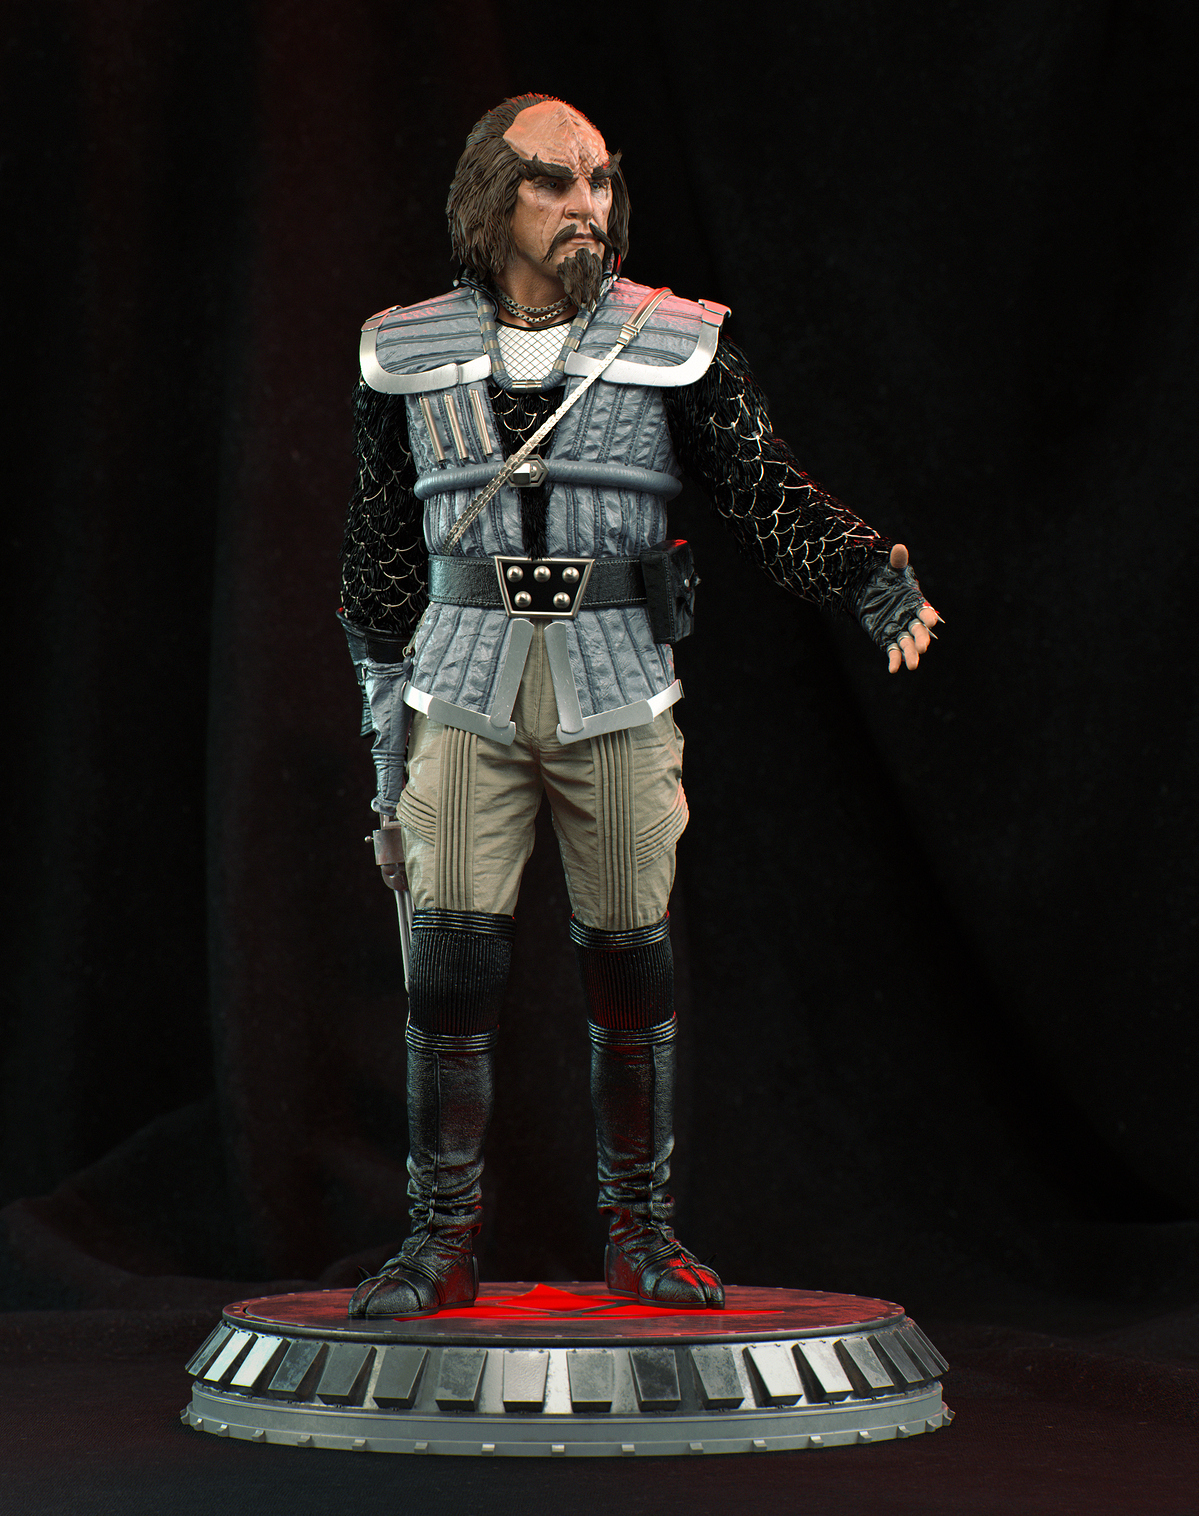 Klingon_01